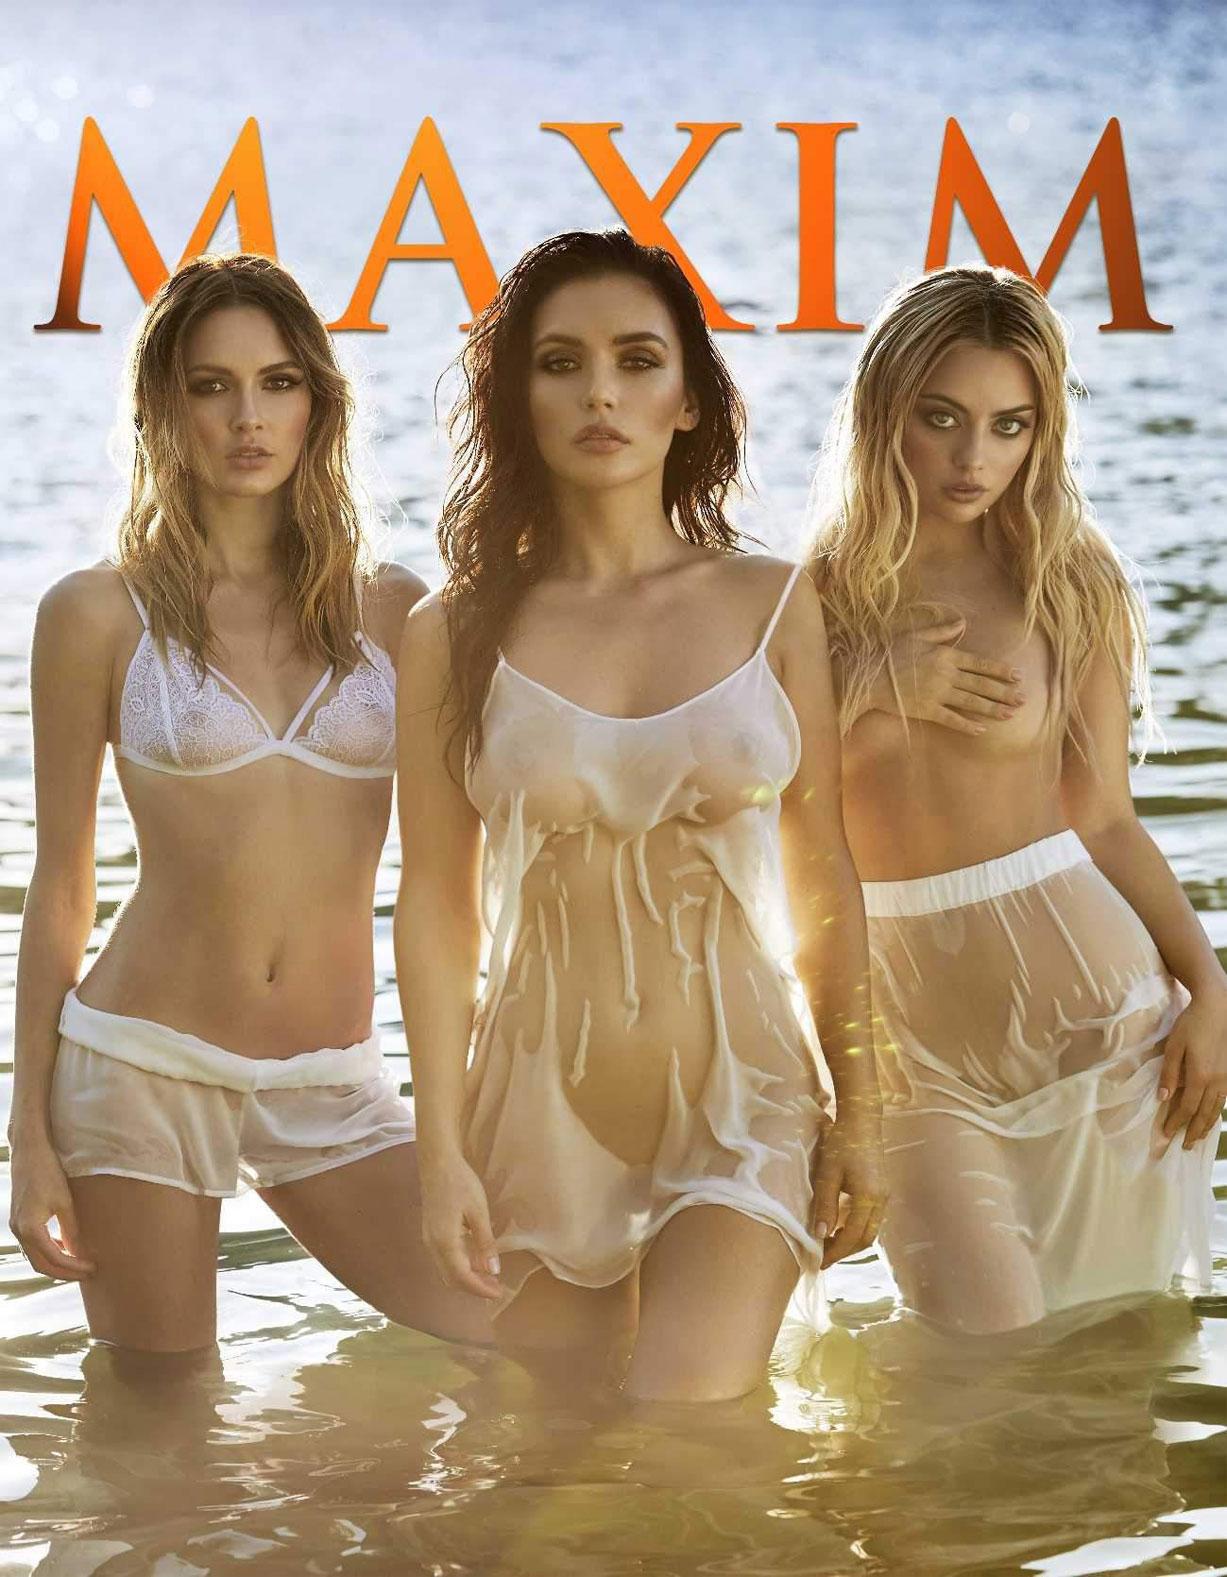 купания в свадебных платьях - поп-группа Serebro в журнале Maxim Россия март 2017